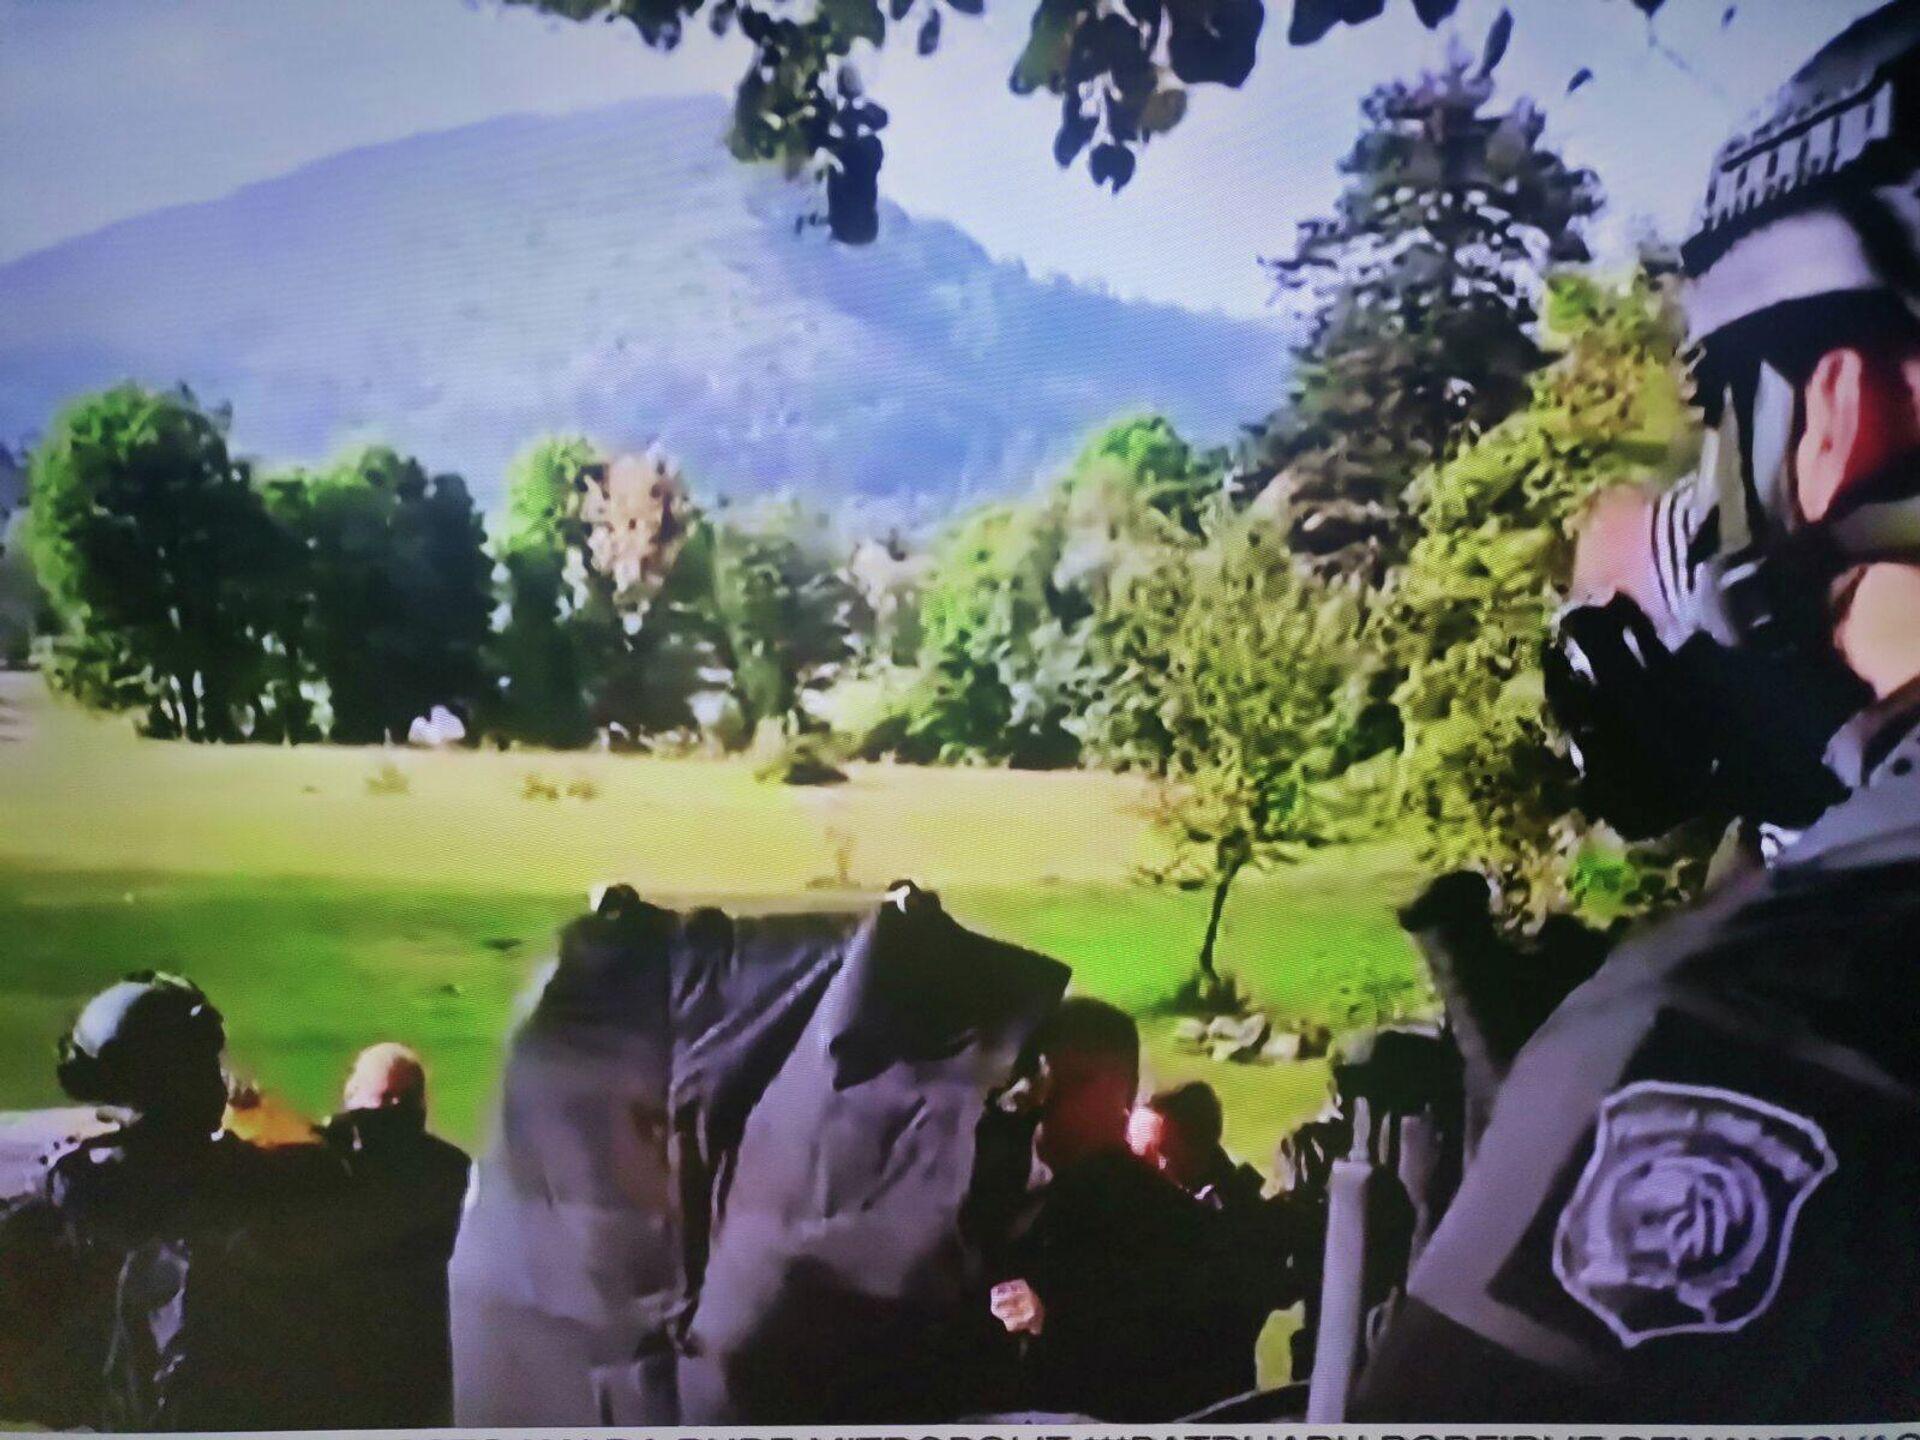 Антитерористичке јединице штите патријарха панциром док прилази цетињском манастиру - Sputnik Србија, 1920, 05.09.2021